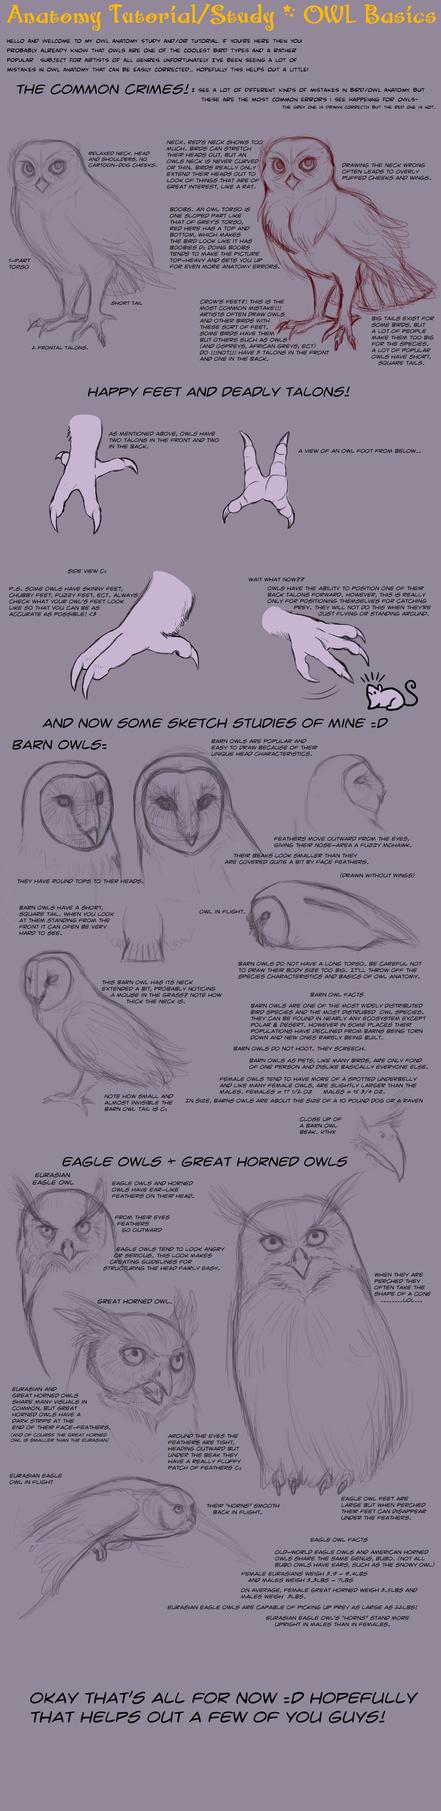 Anatomy Tutorial: Owl Basics by AddictionHalfWay